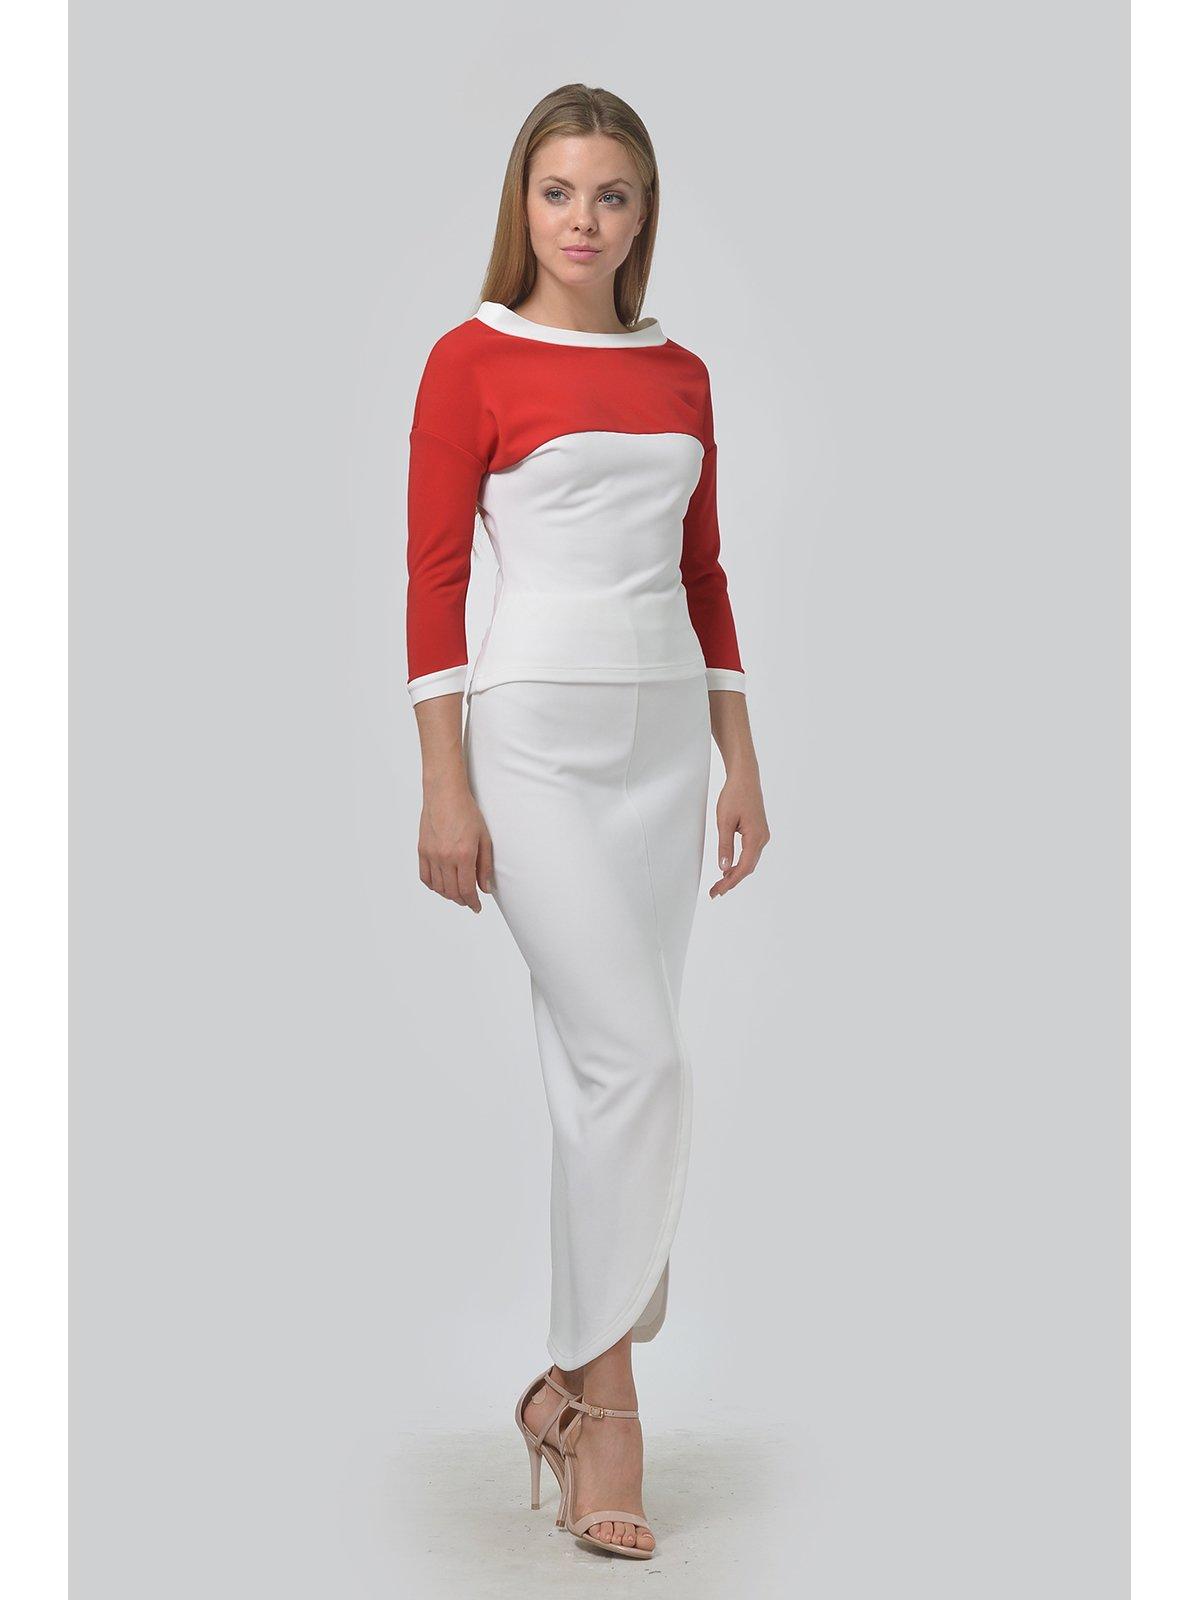 Комплект: джемпер и юбка | 3590468 | фото 3